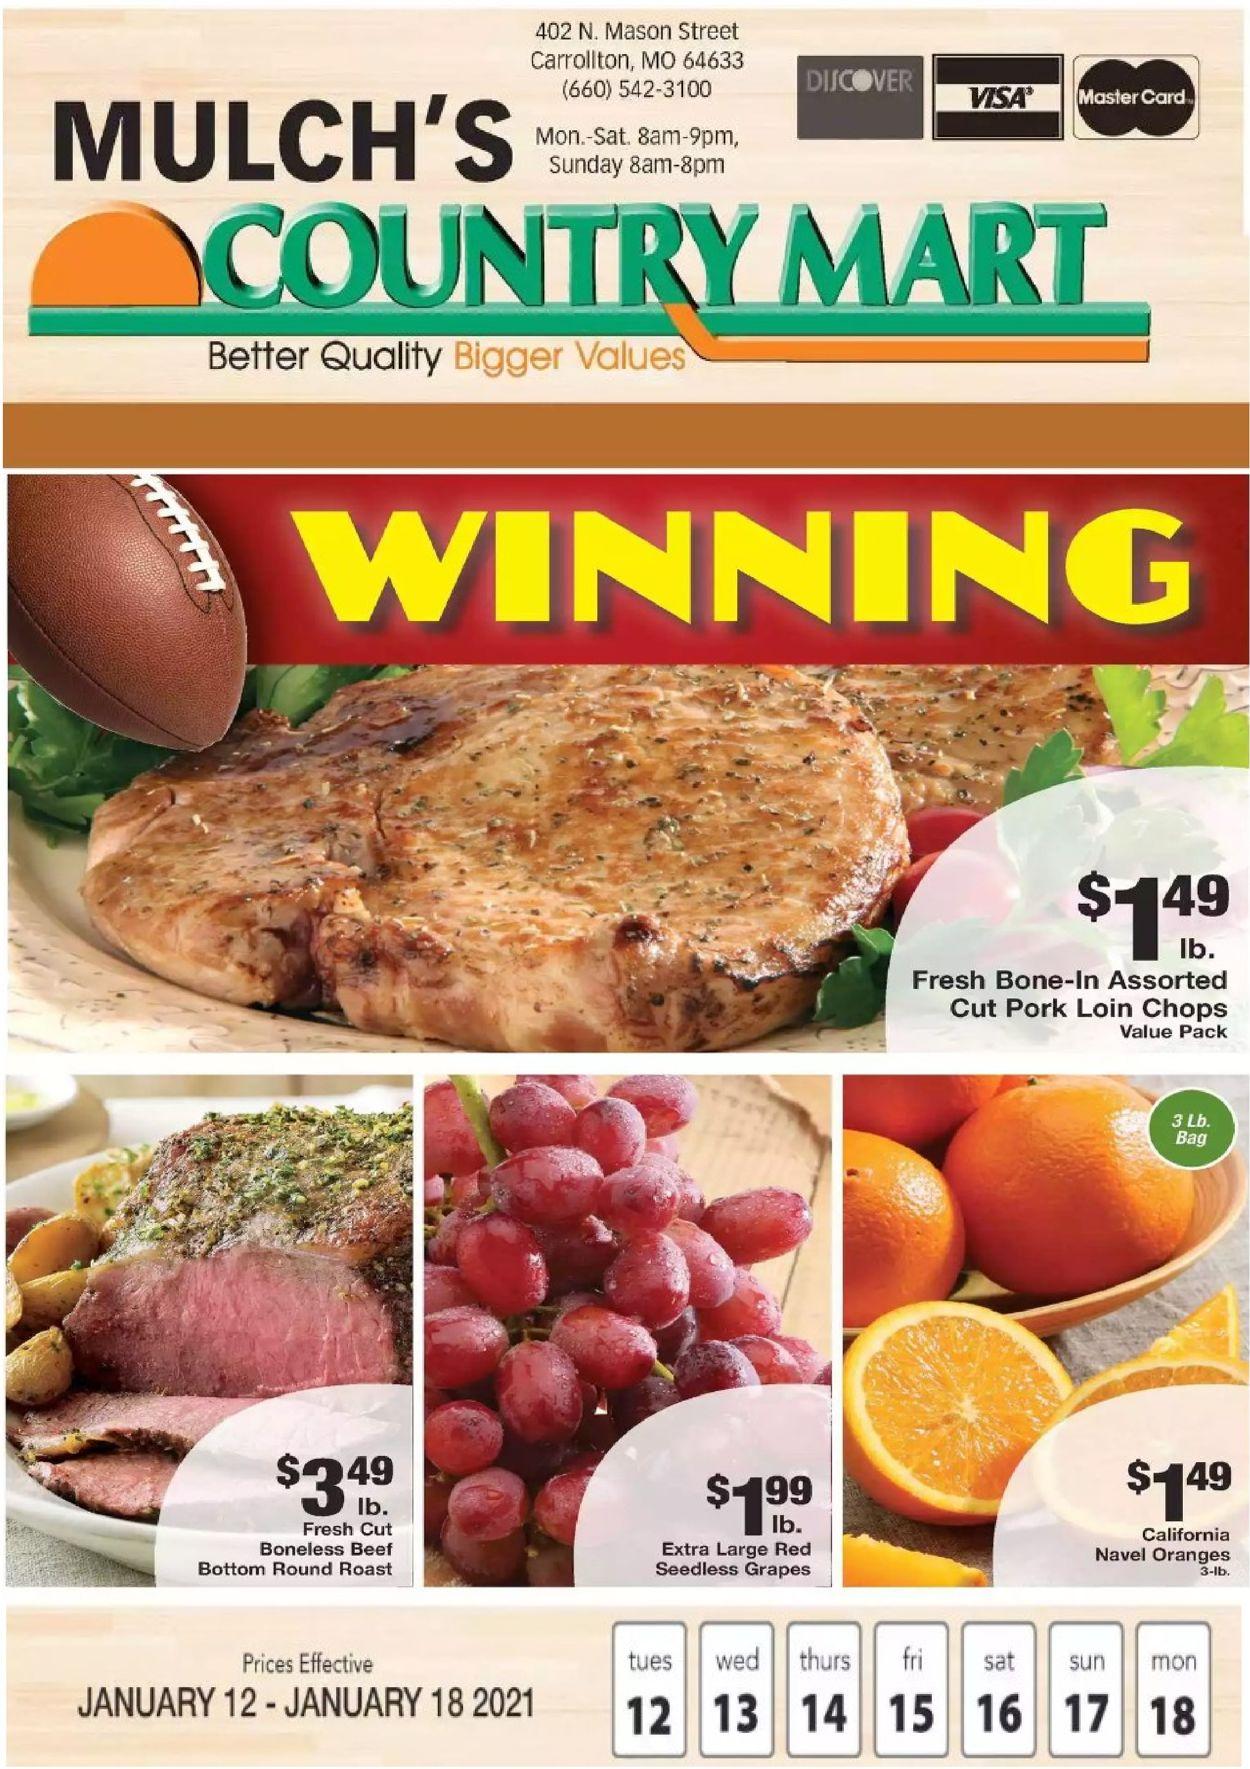 Country Mart Weekly Ad Circular - valid 01/12-01/18/2021